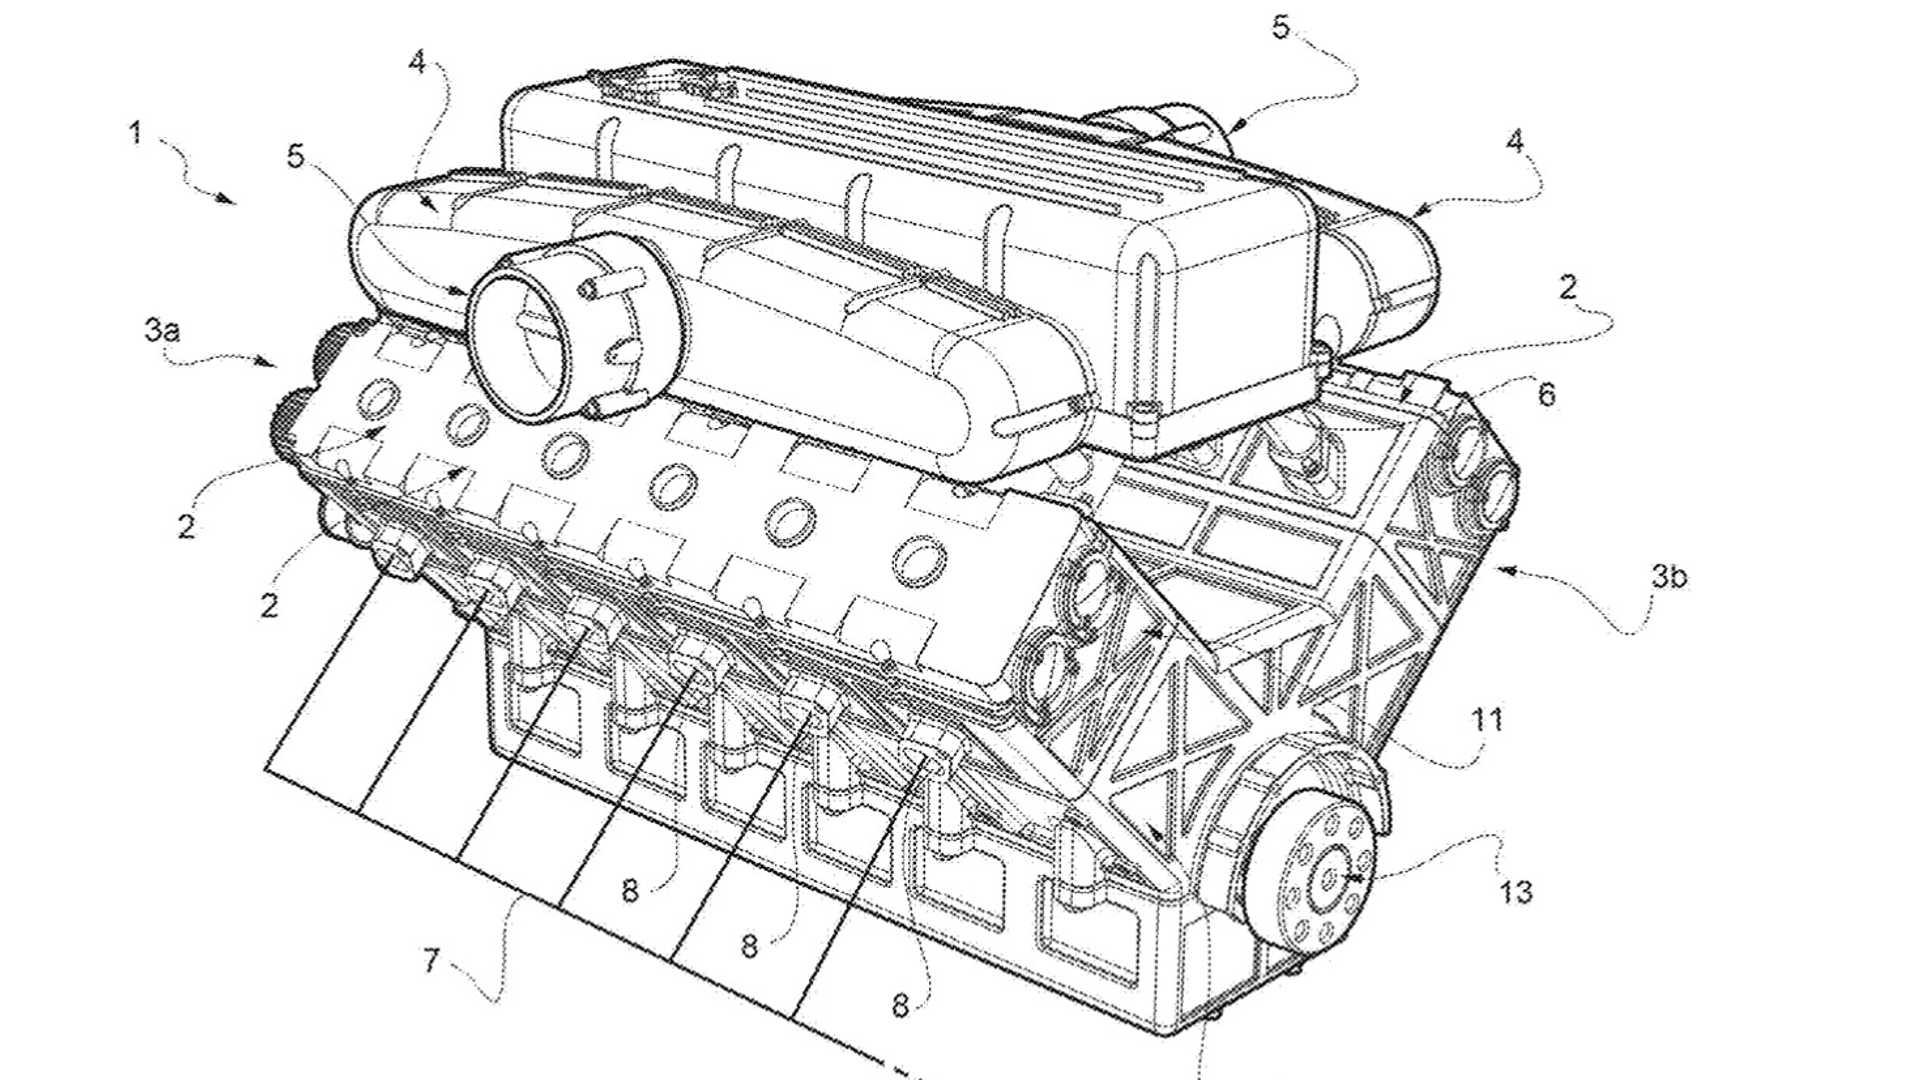 Ferrari - Brevetto nuovo motore V12